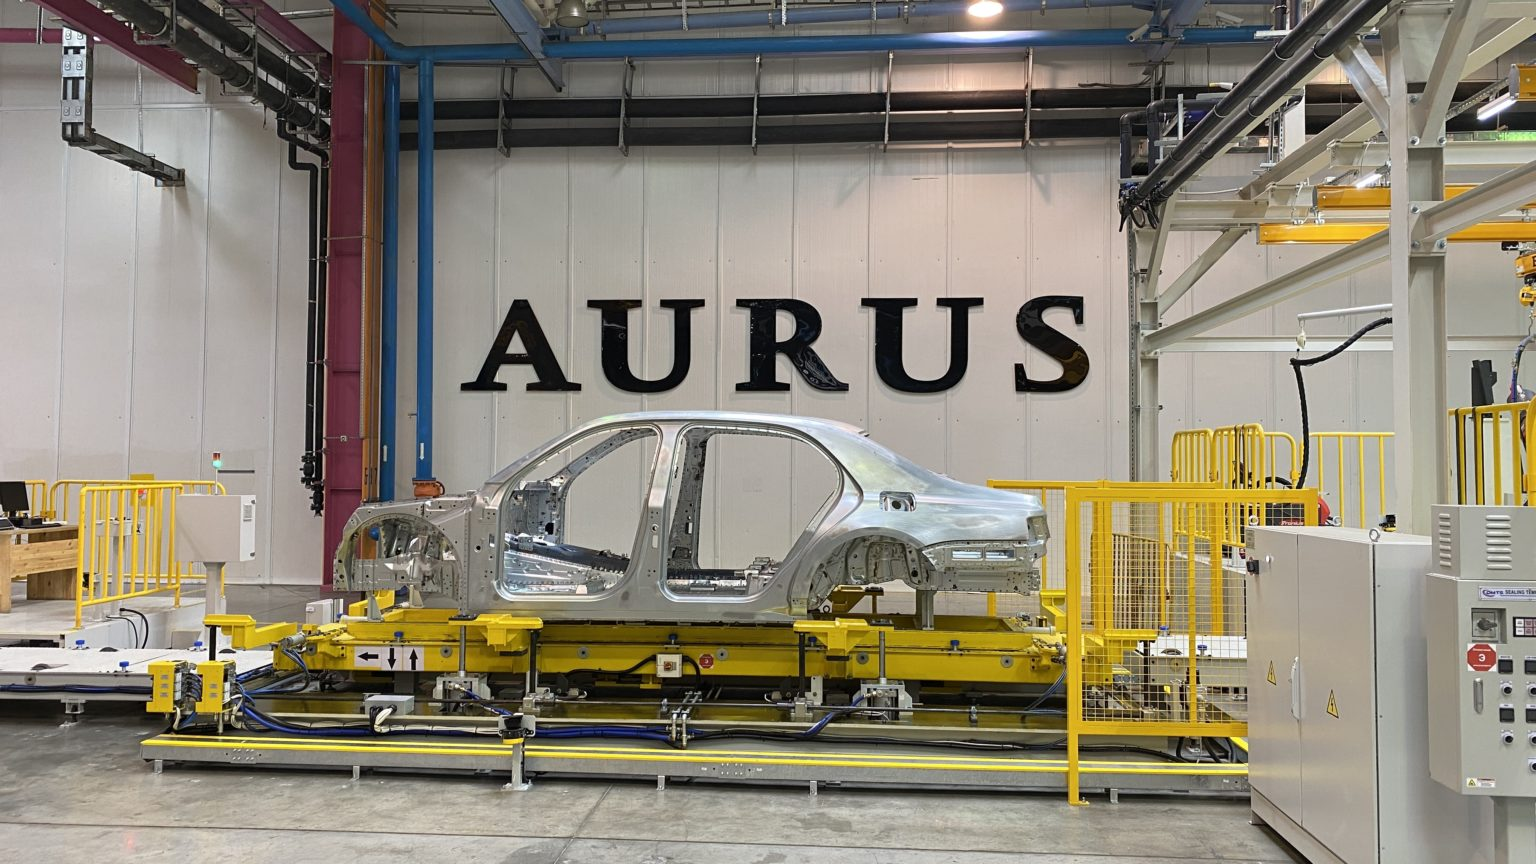 Двигатели лимузина Aurus получат детали с КАМАЗа, но на заводе это скрывают